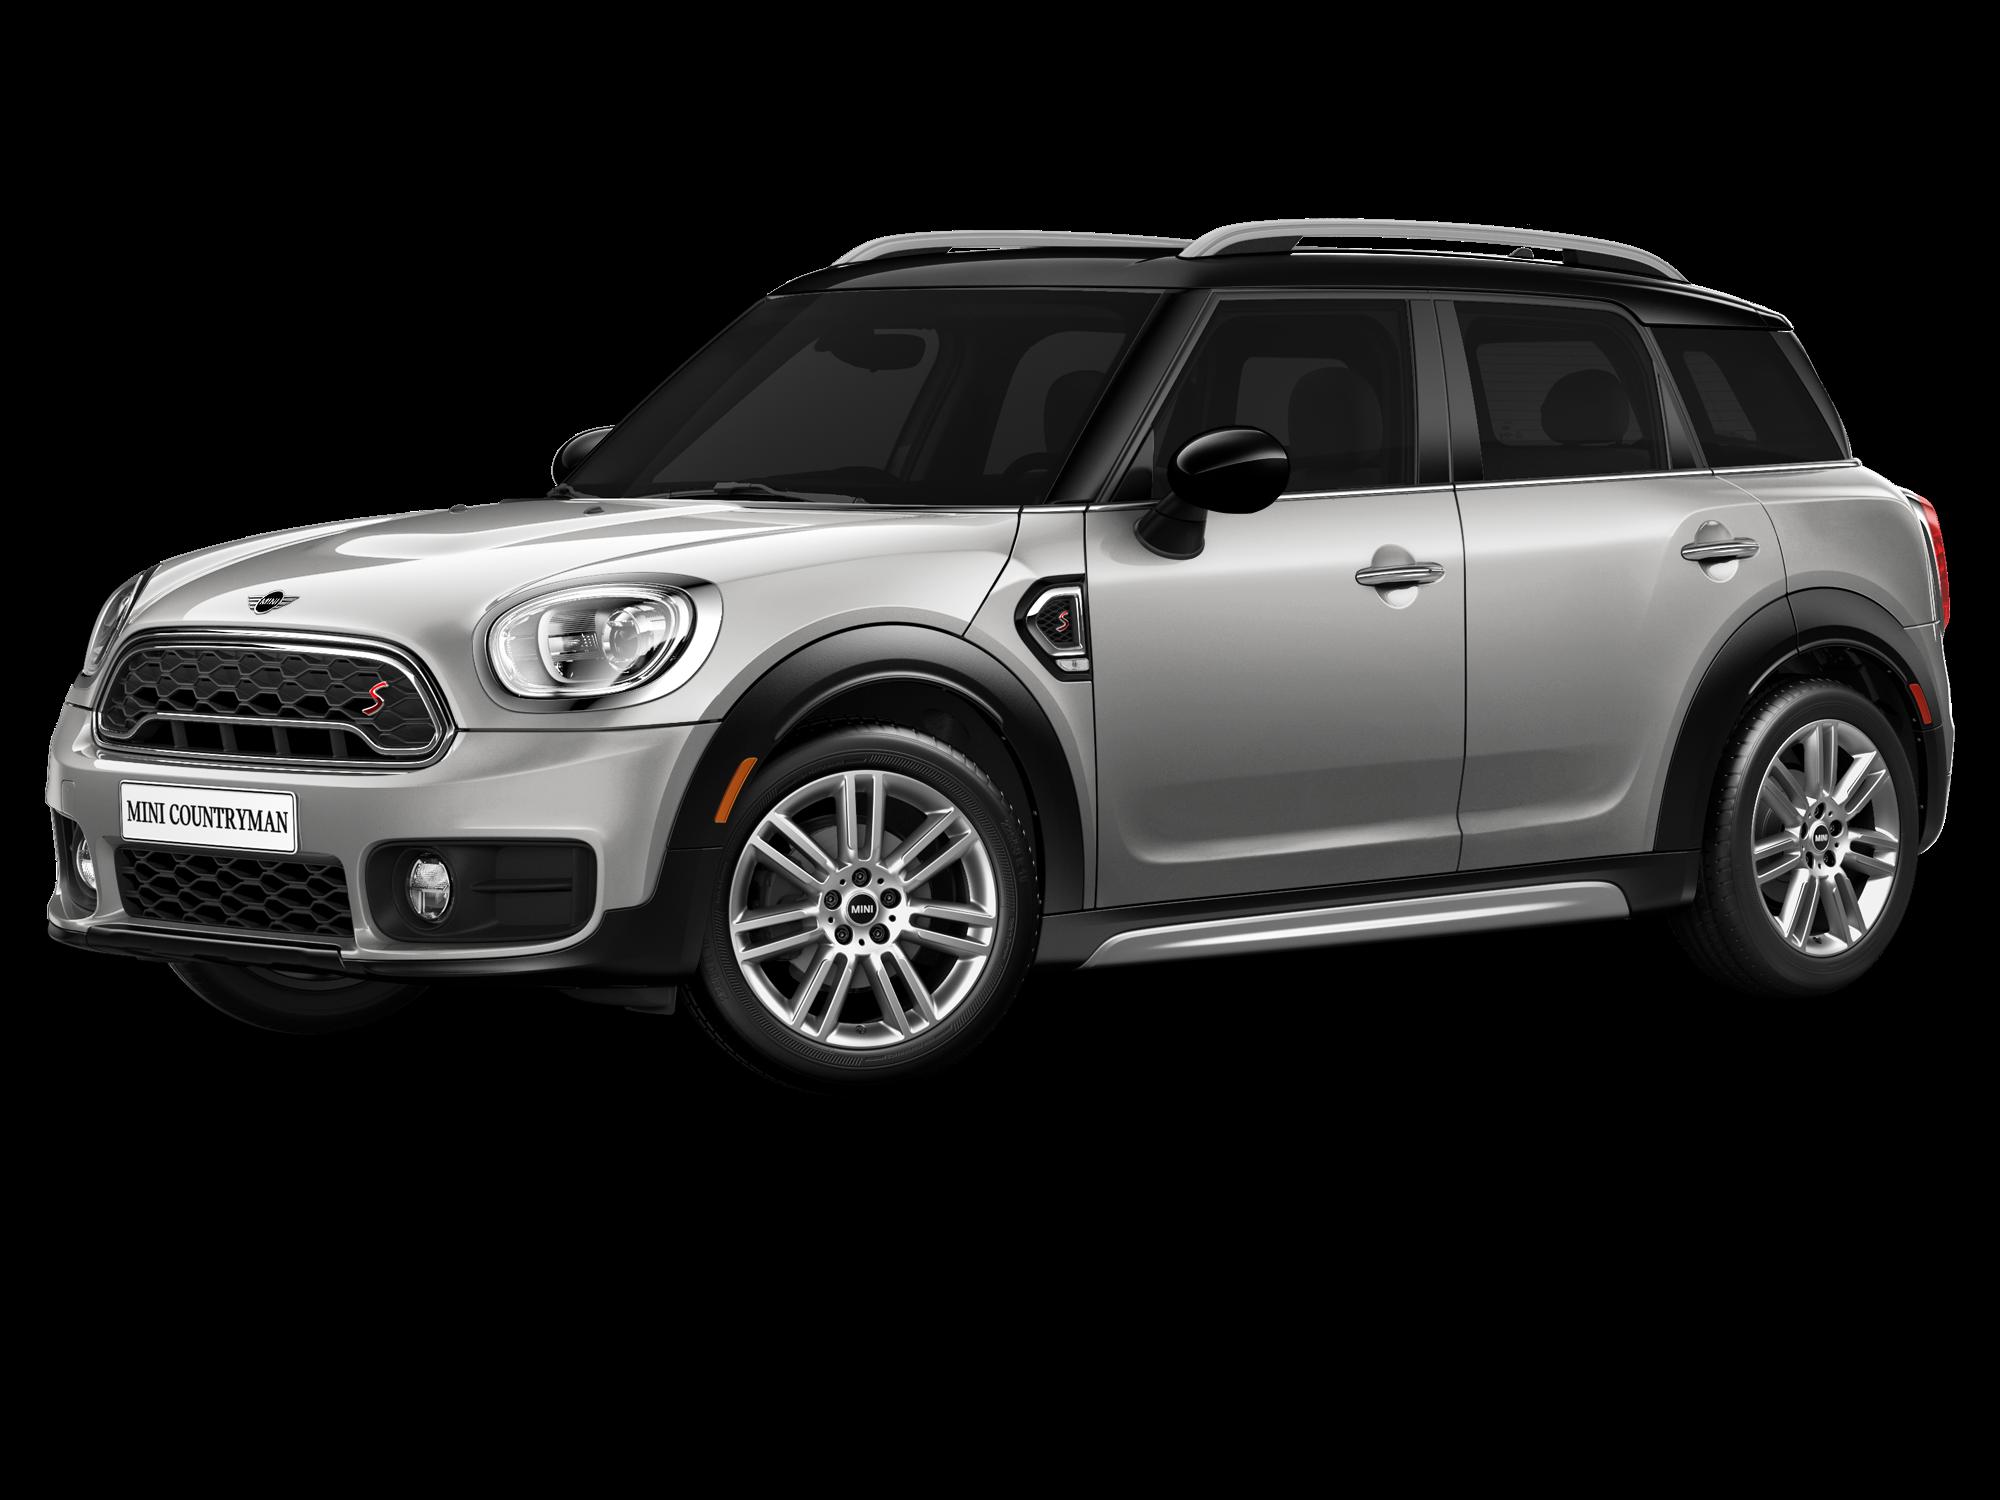 Melting Silver 2019 Mini Cooper S Countryman Signature New Suv